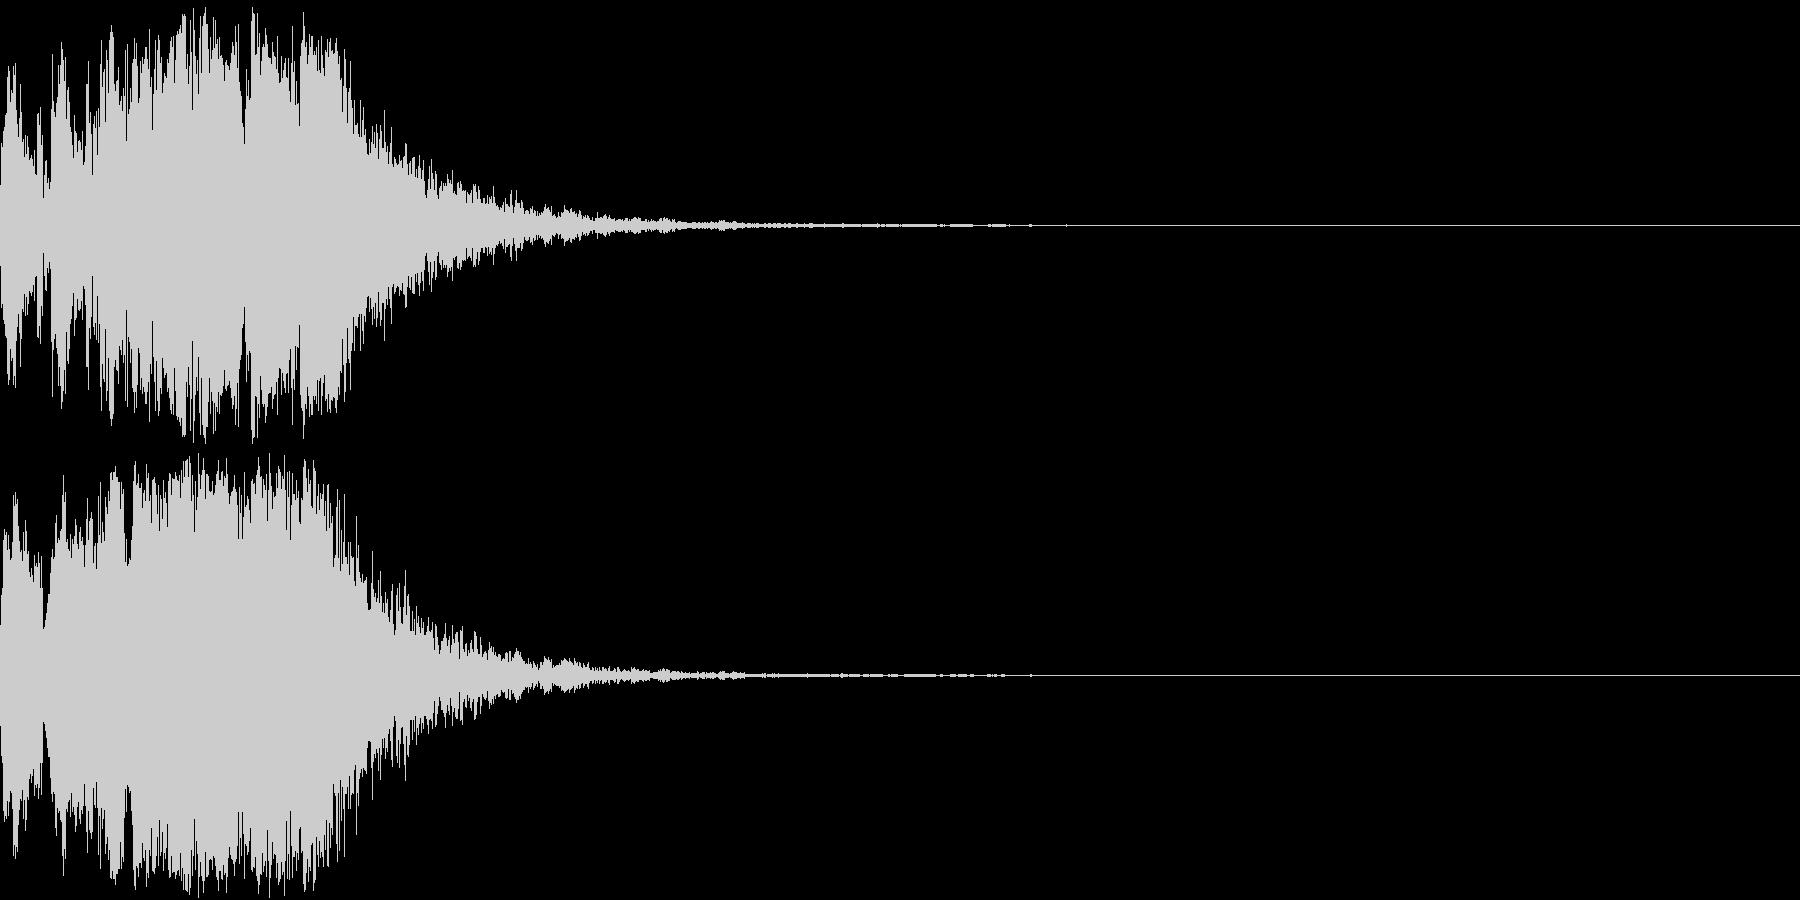 ファンファーレ 当たり 正解 合格 11の未再生の波形